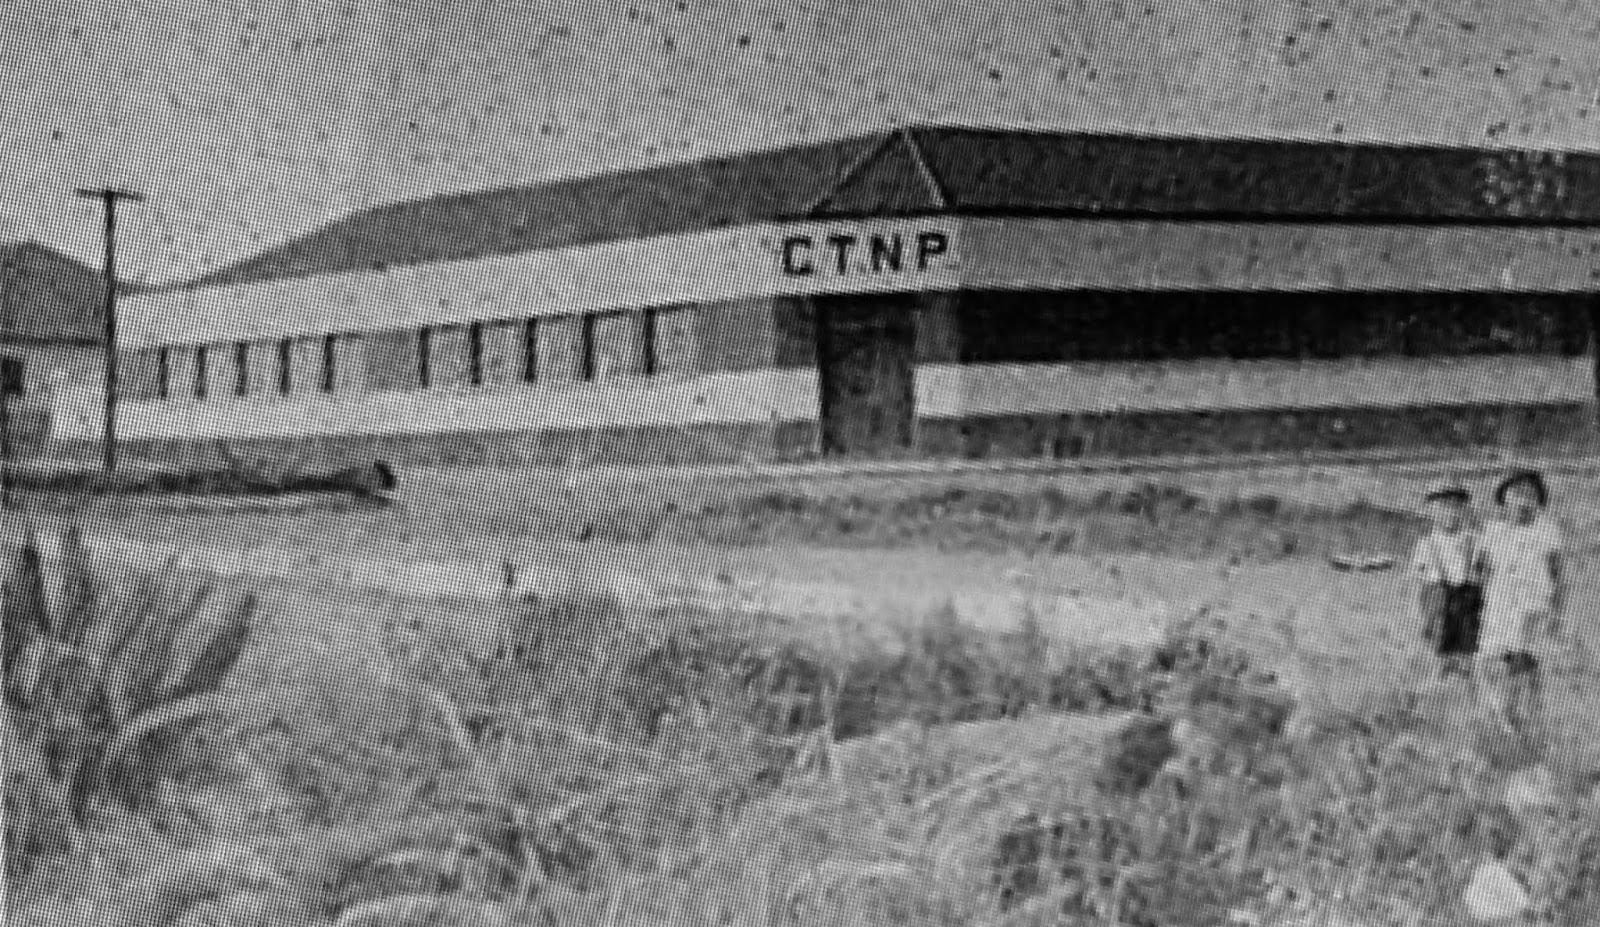 Sede da CTNP - Final dos anos 1940